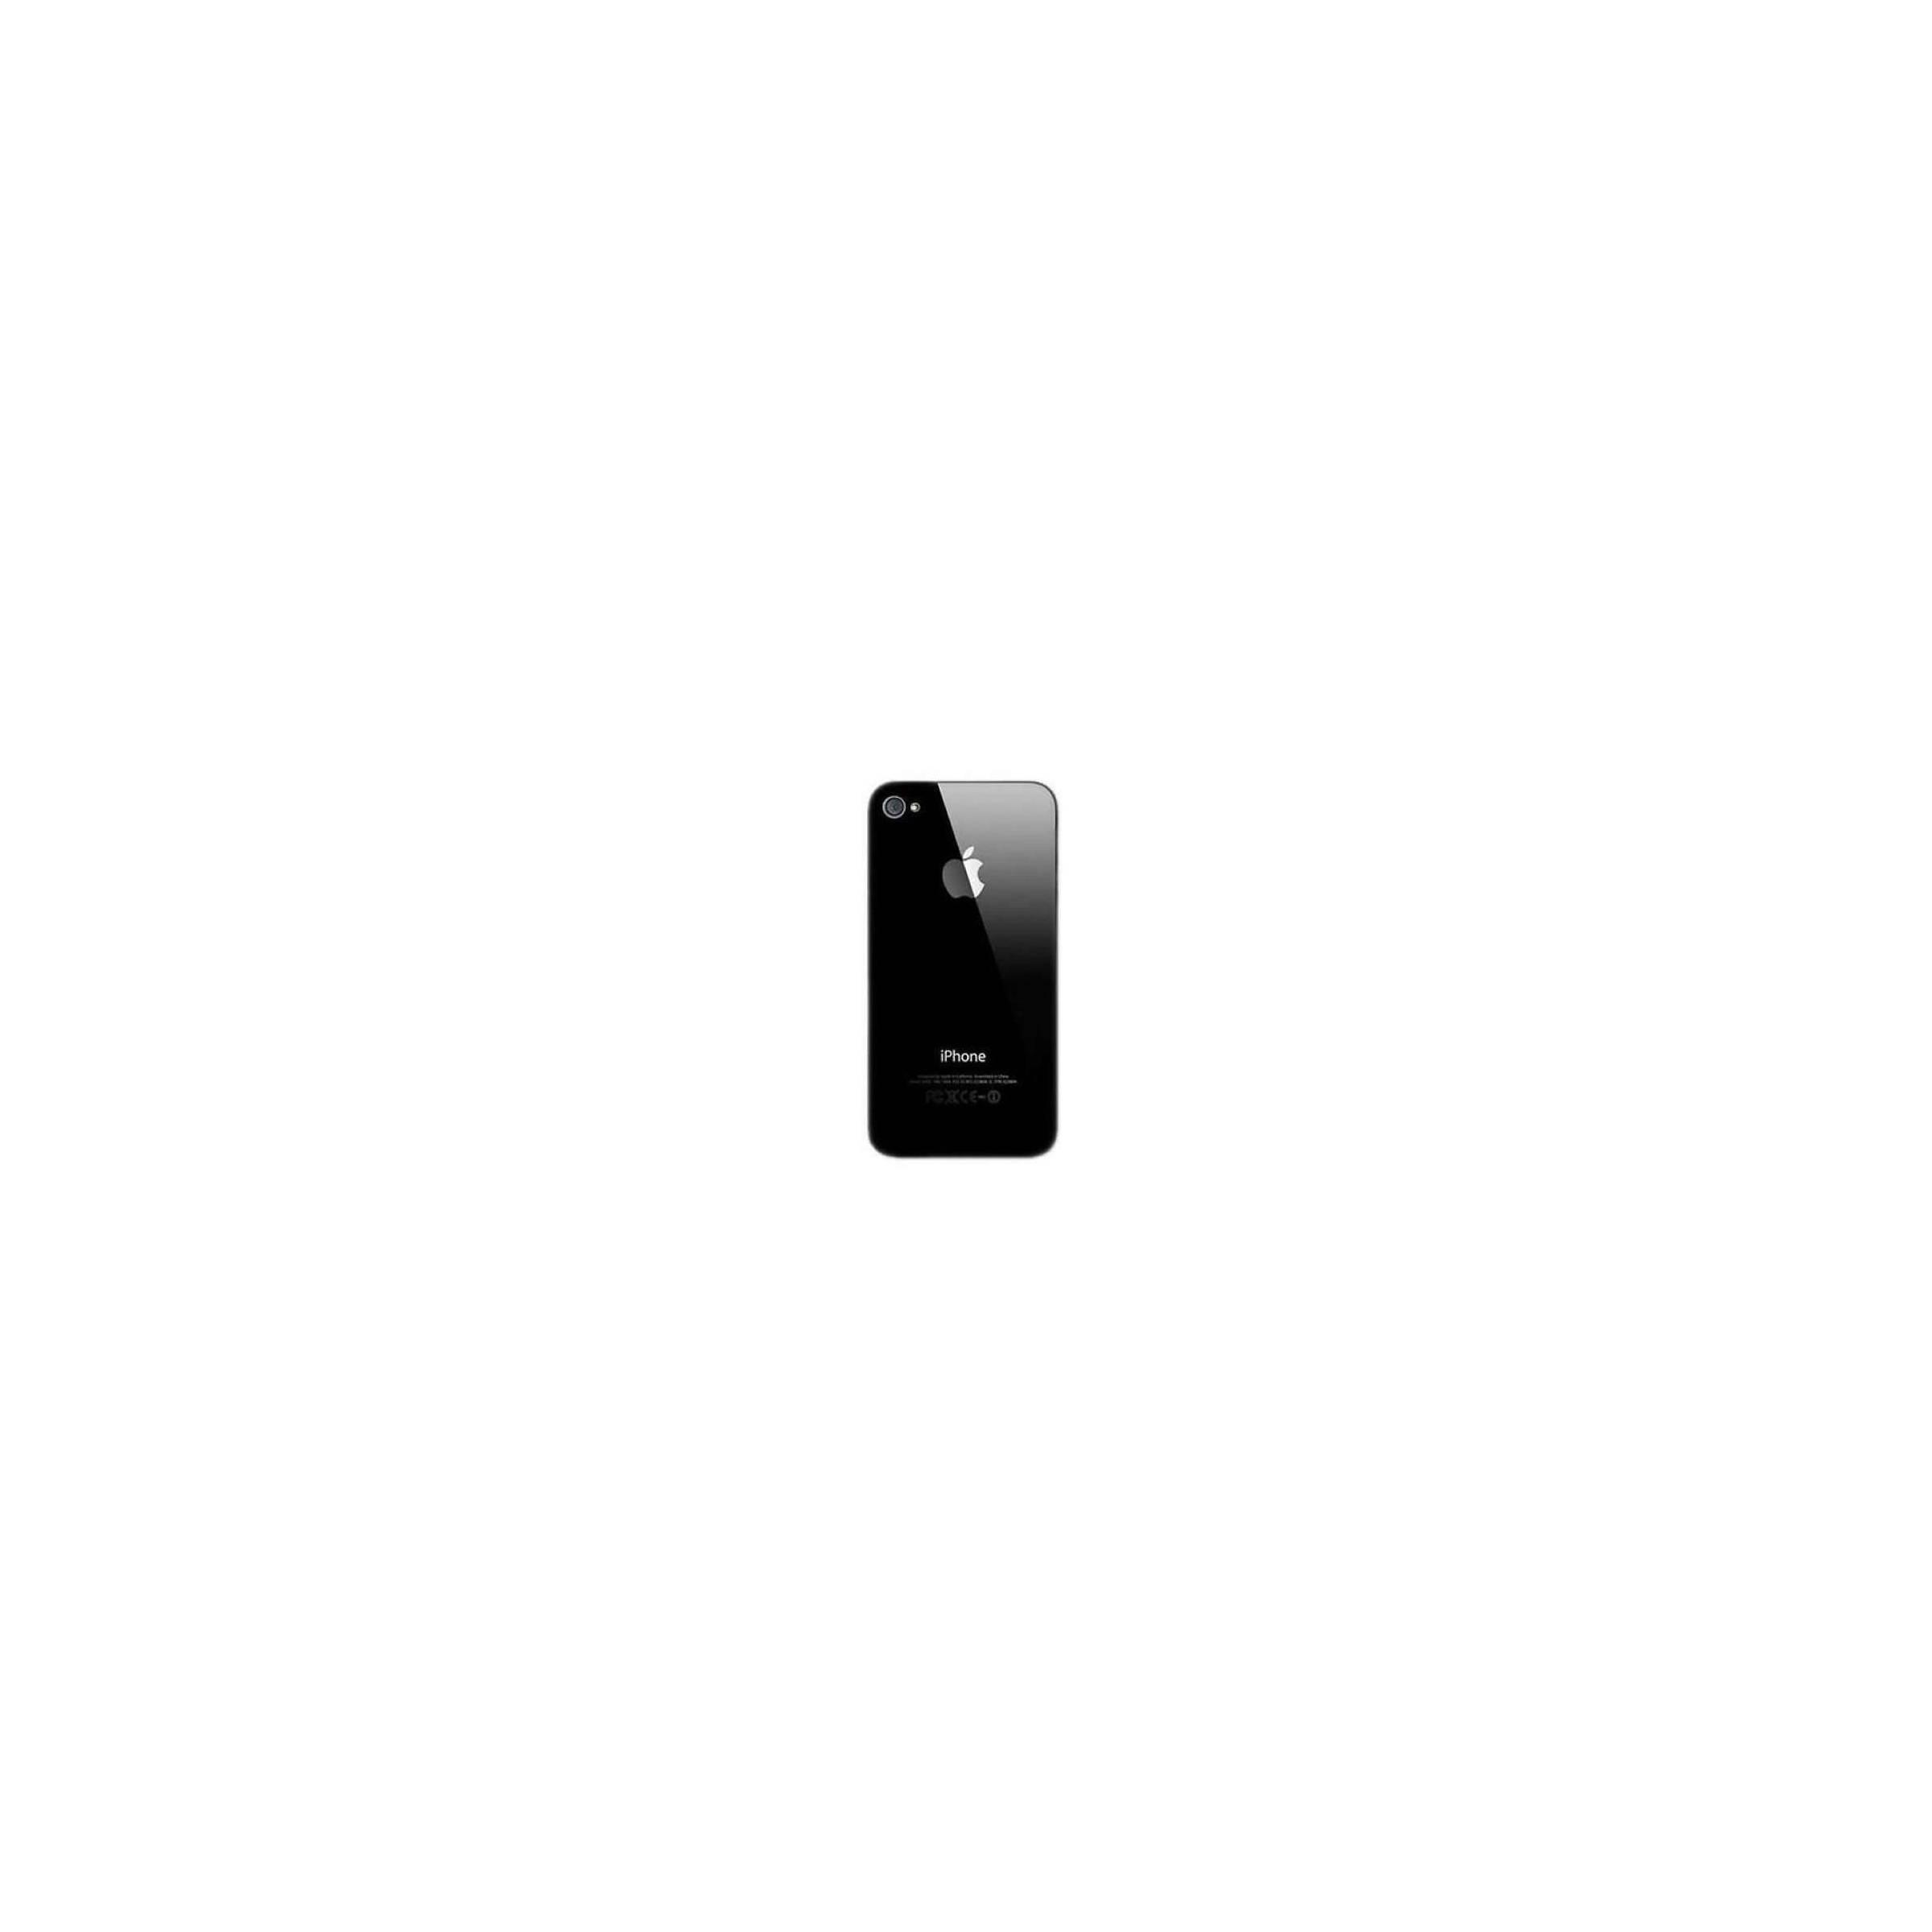 Iphone 4s glass back bagsiden farve sort fra sinox på mackabler.dk